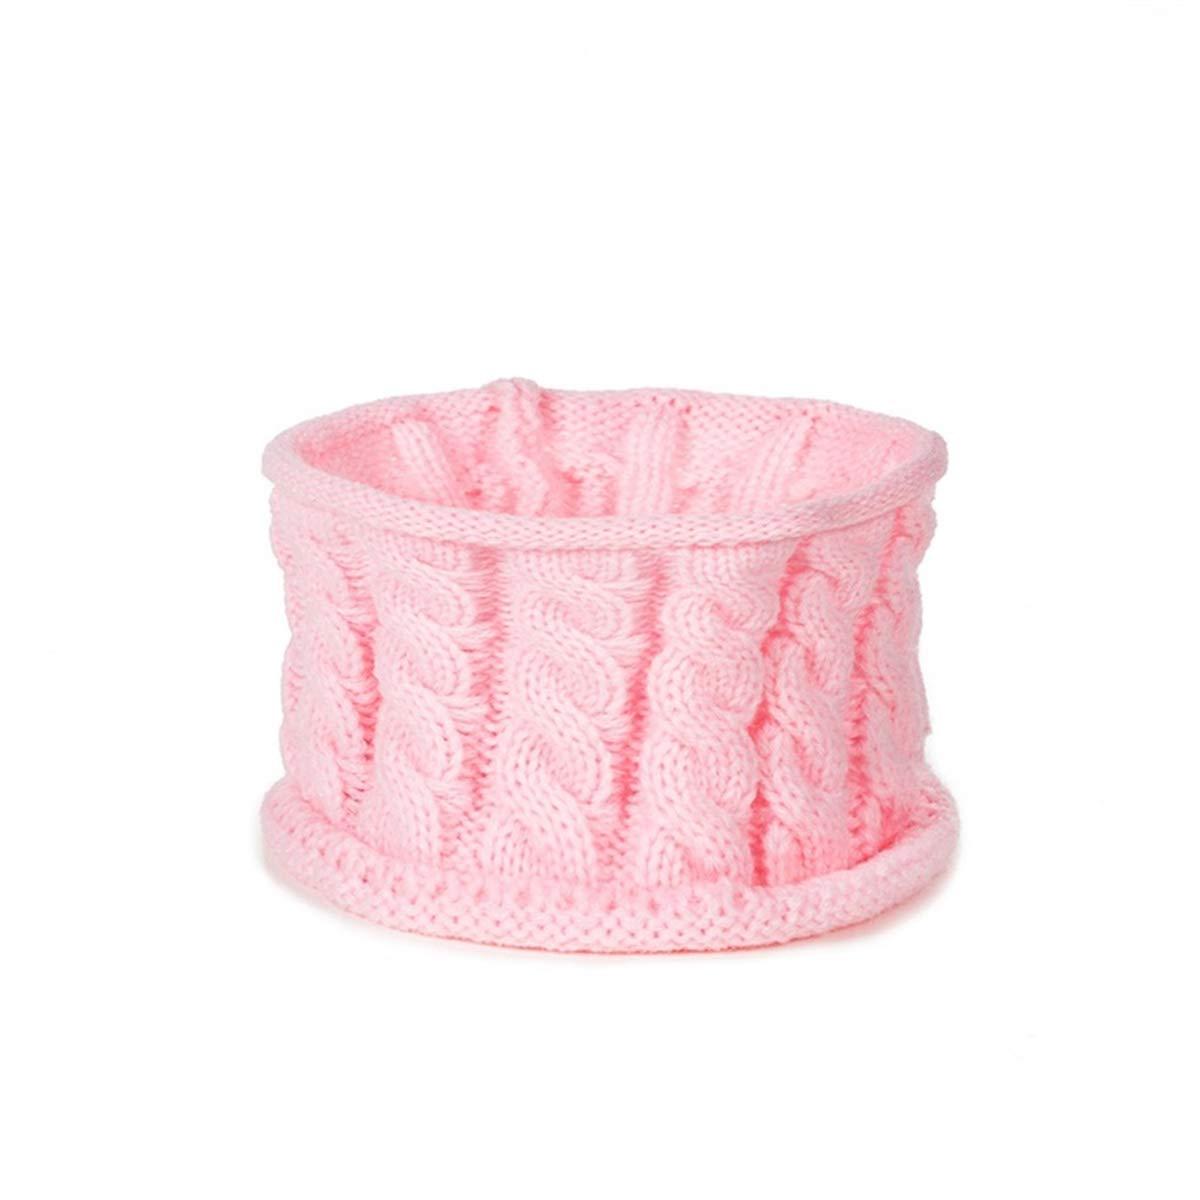 bambina bambino 1-6 anni 2 pezzi di cappellini in maglia per cappelli per bambini bambino Tian Ran Dai Cappellino invernale per bambini e cappello